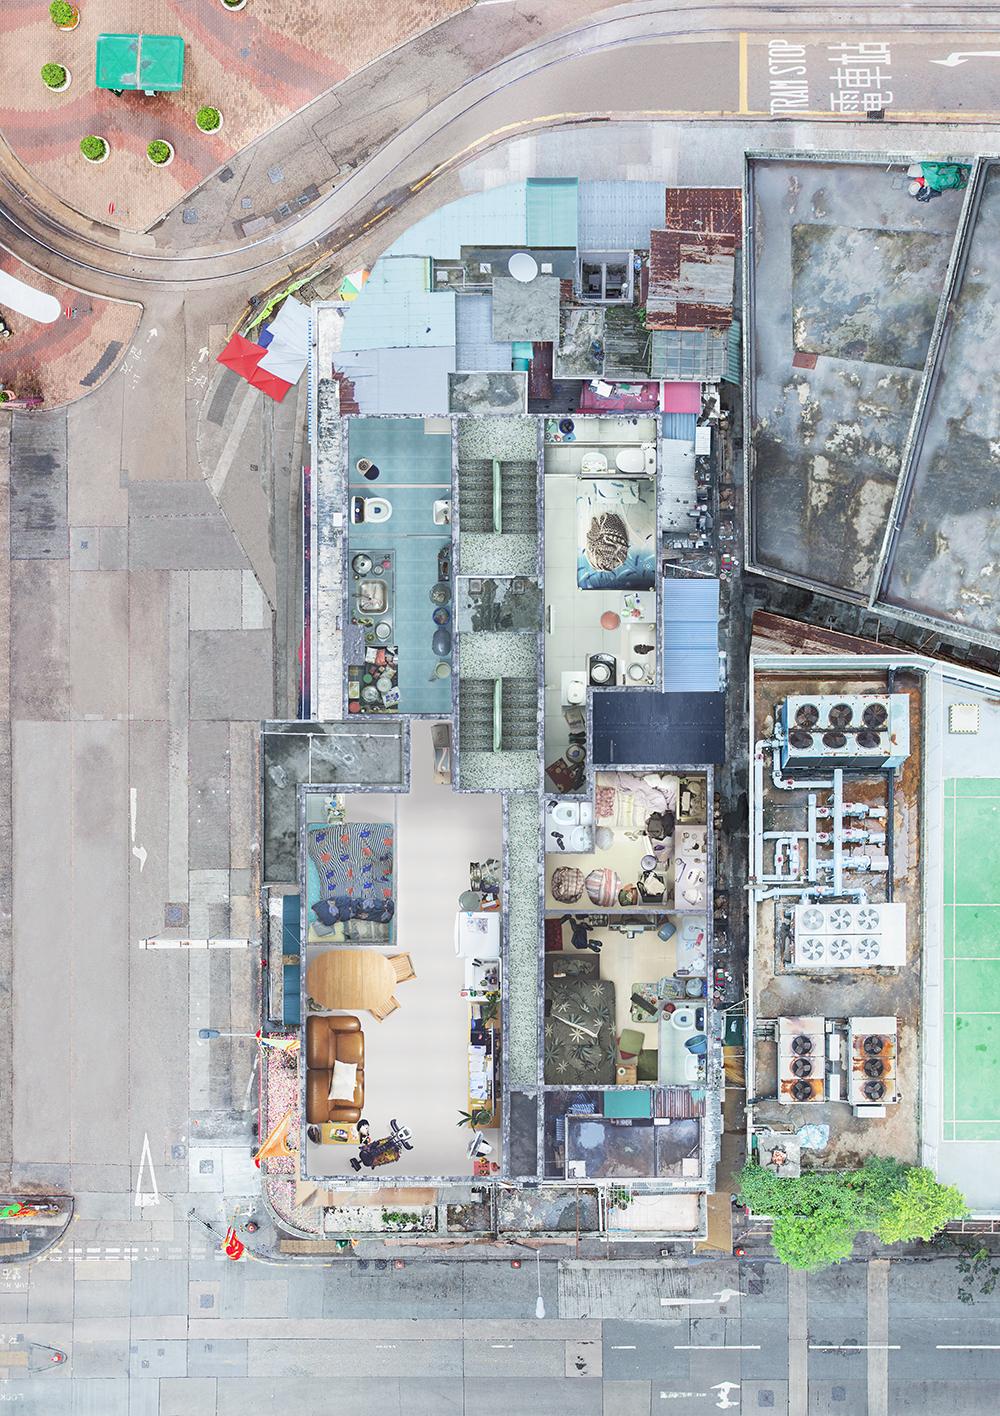 location_1000dpi.jpg